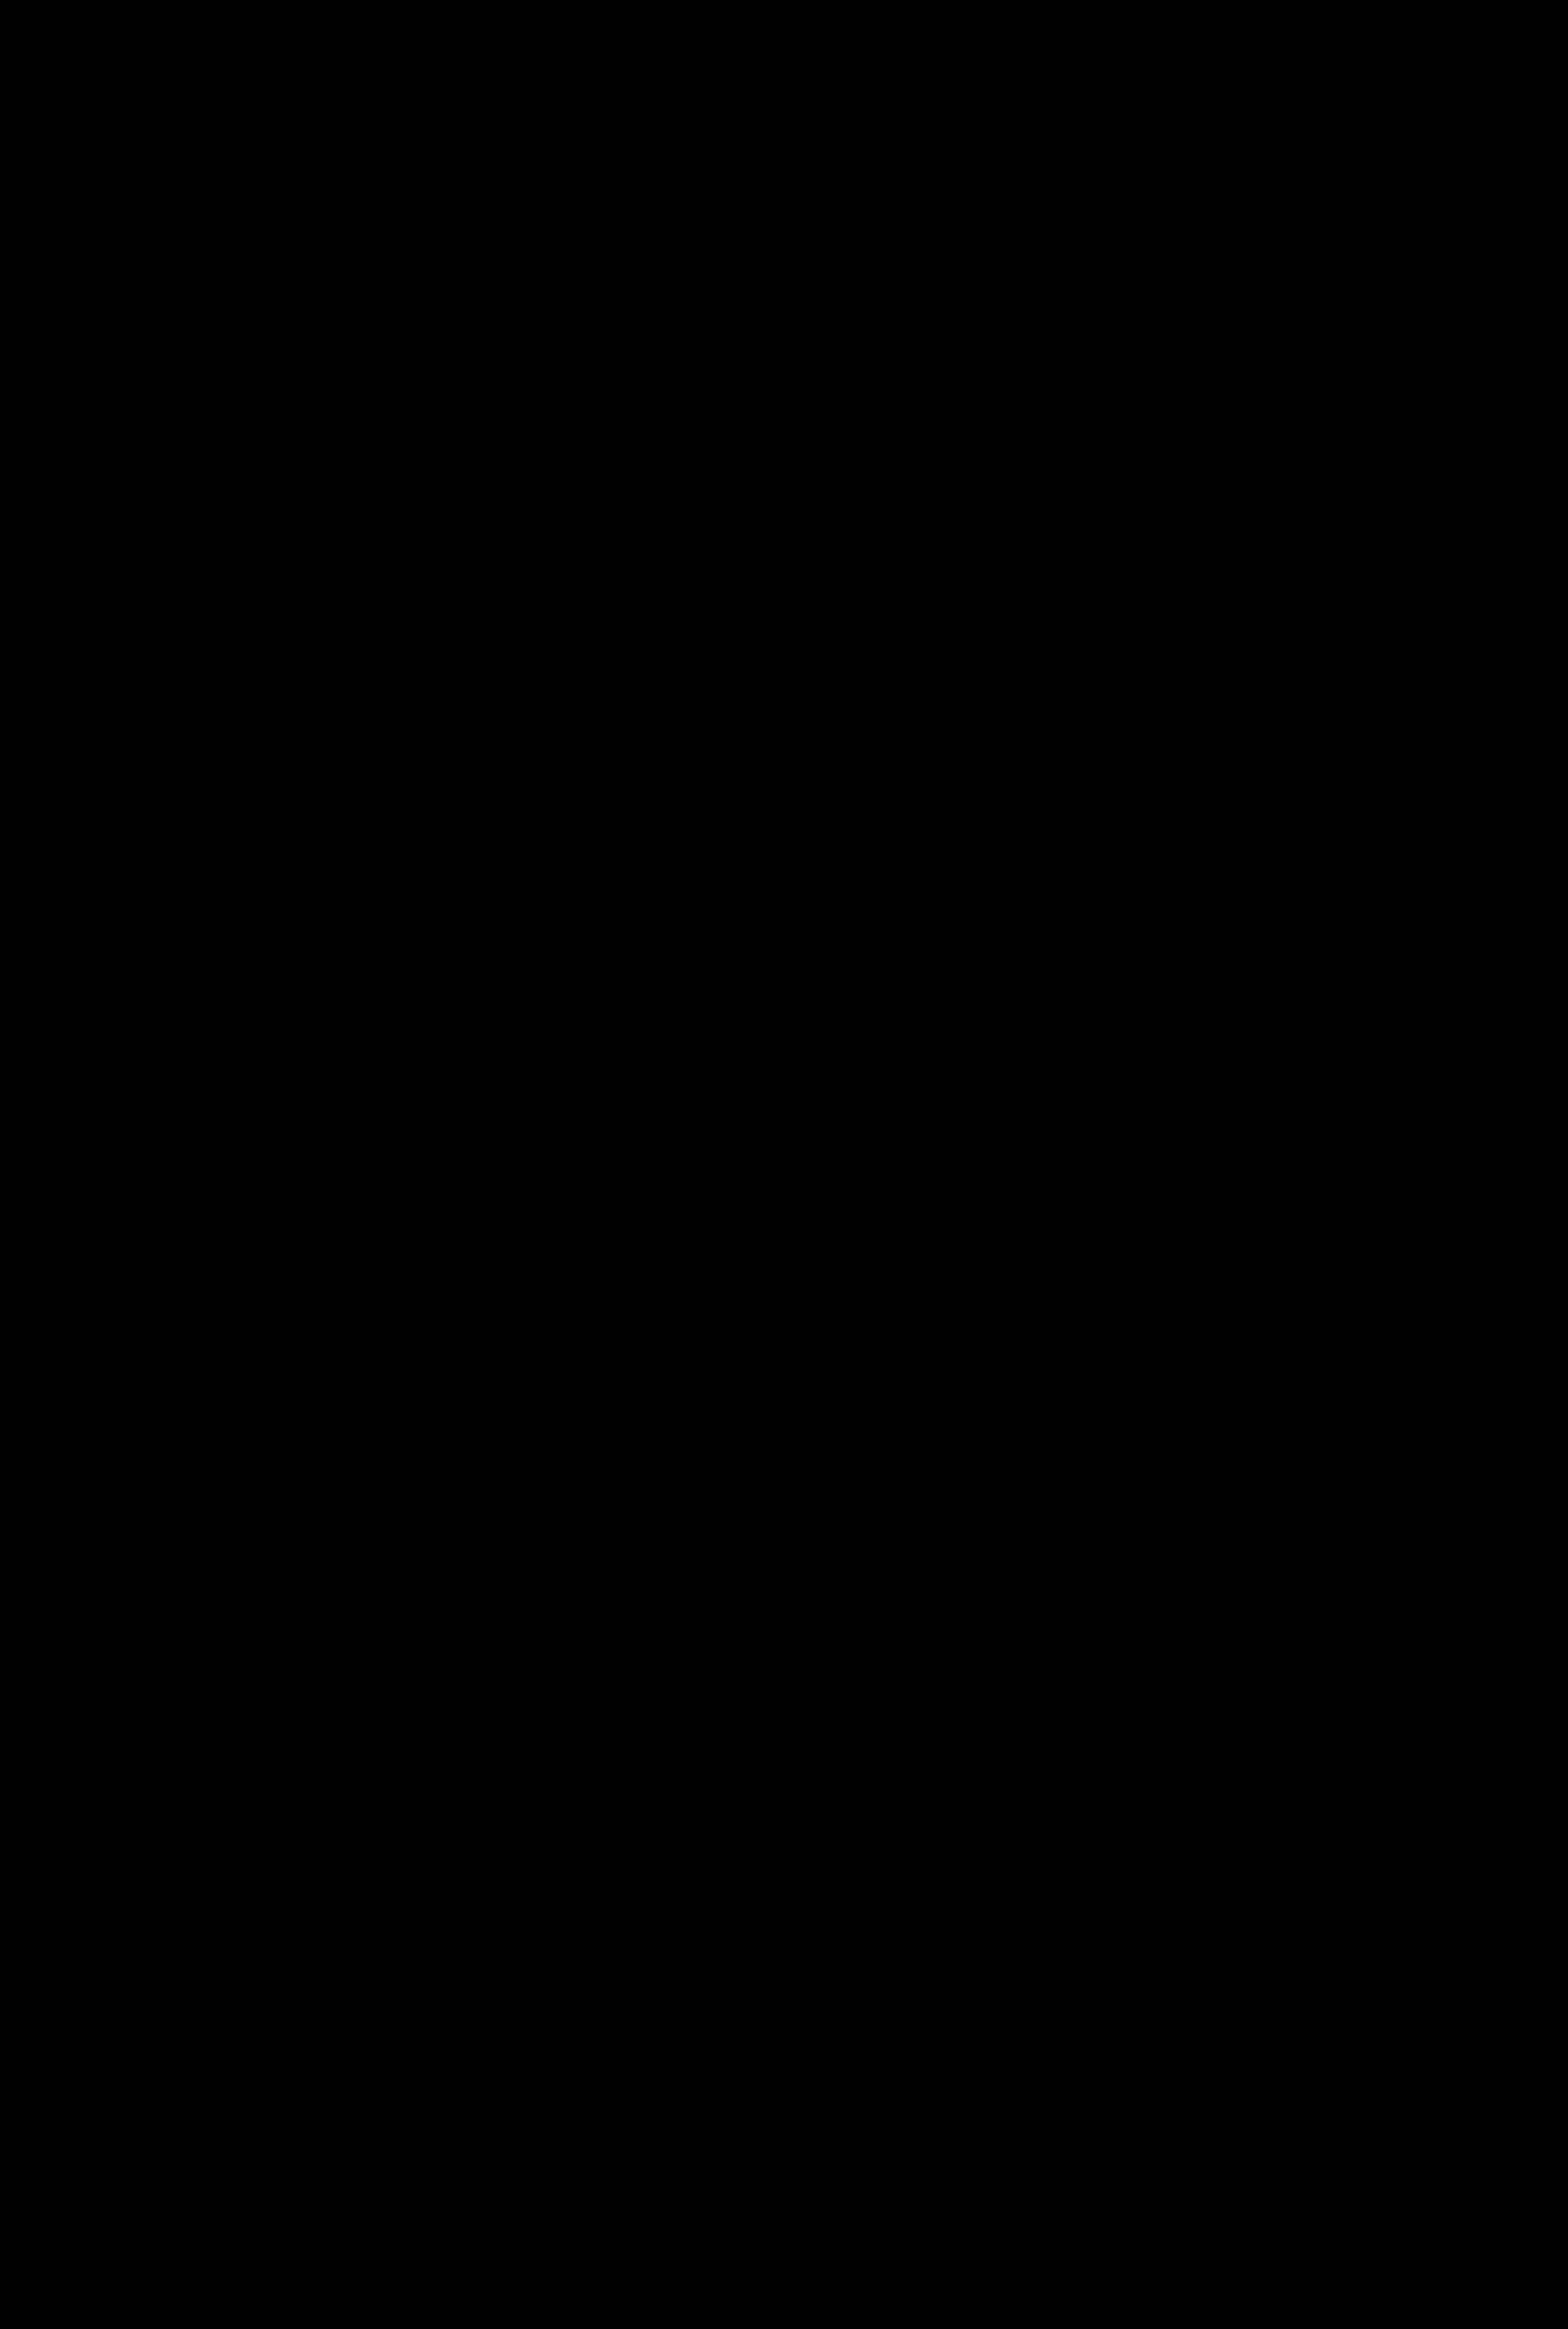 Børns liv og læring